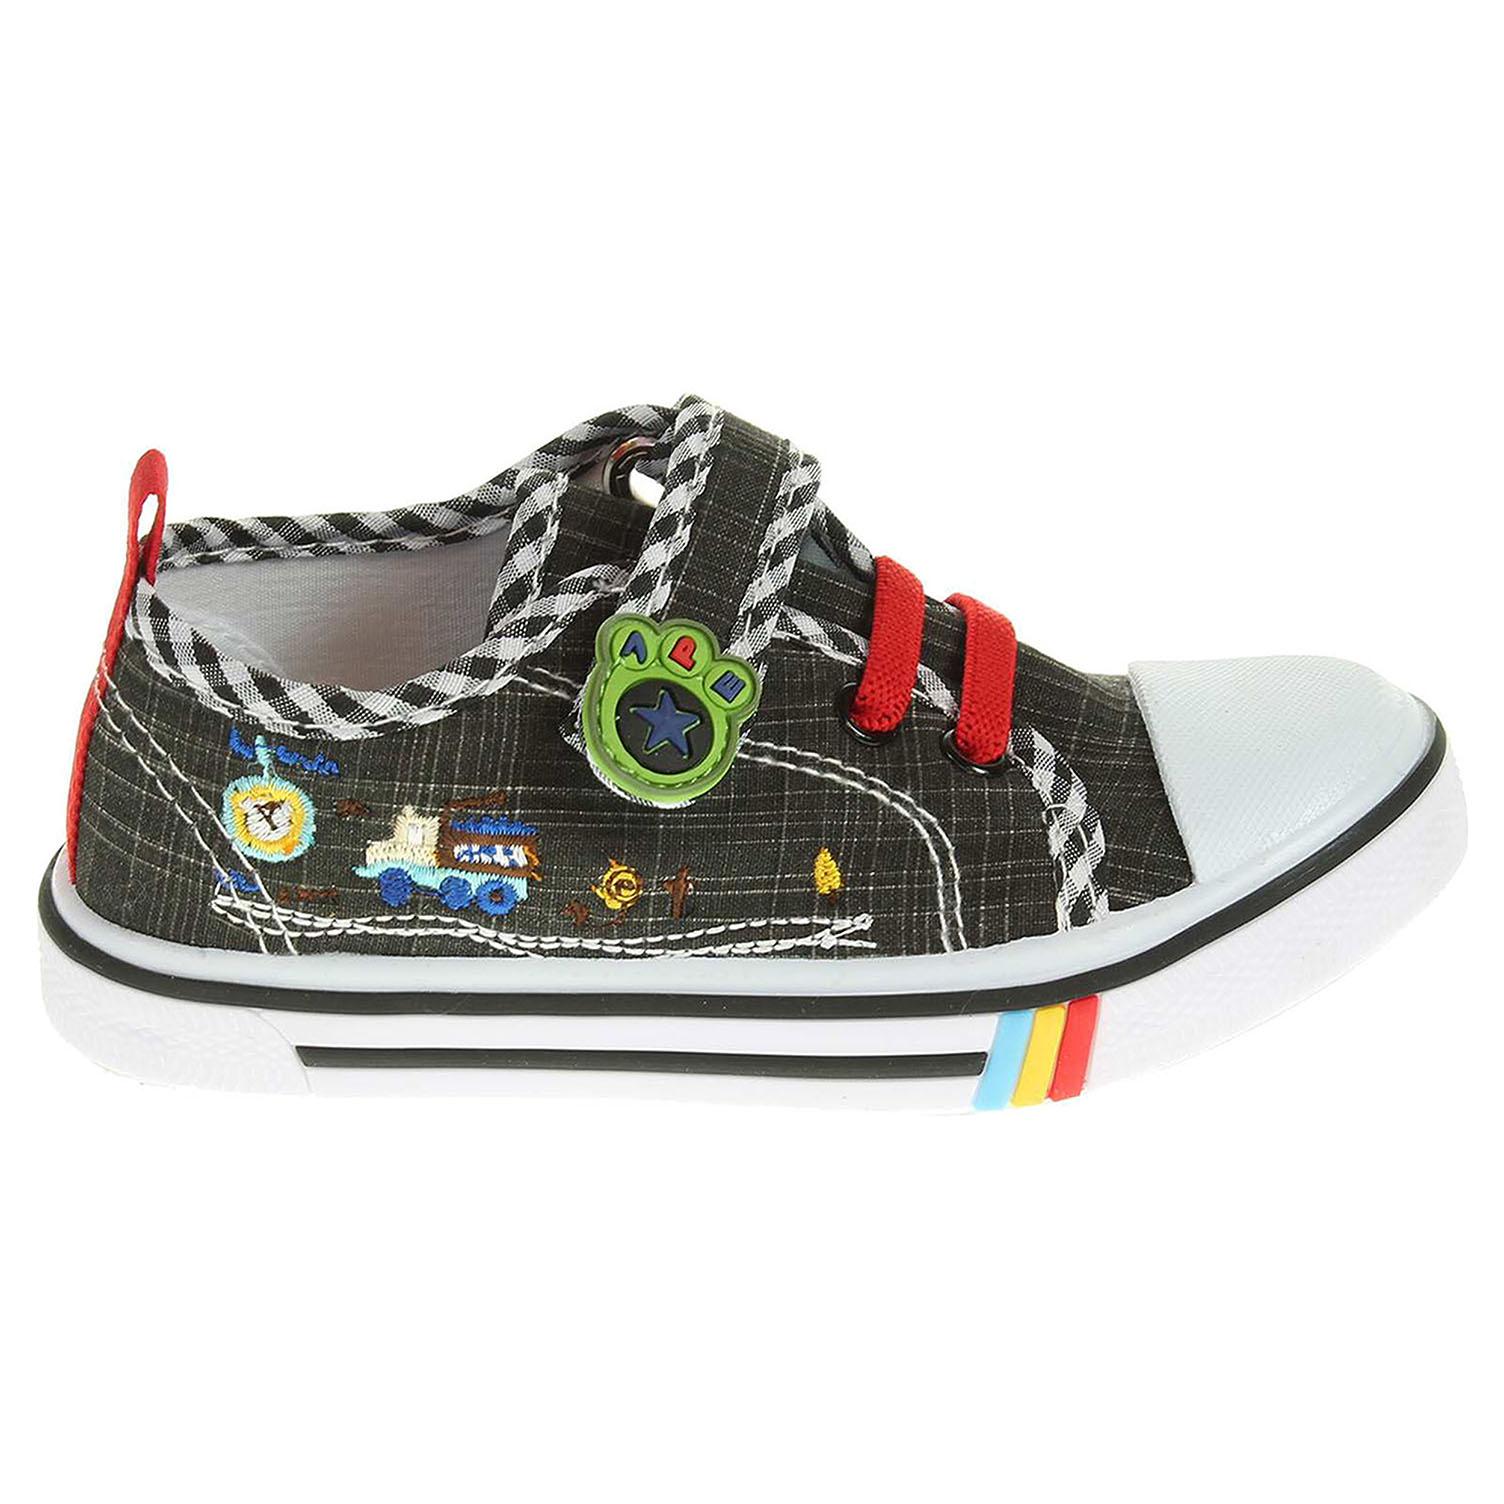 Ecco Peddy chlapecká obuv PU-601-26-08 černá 29700083